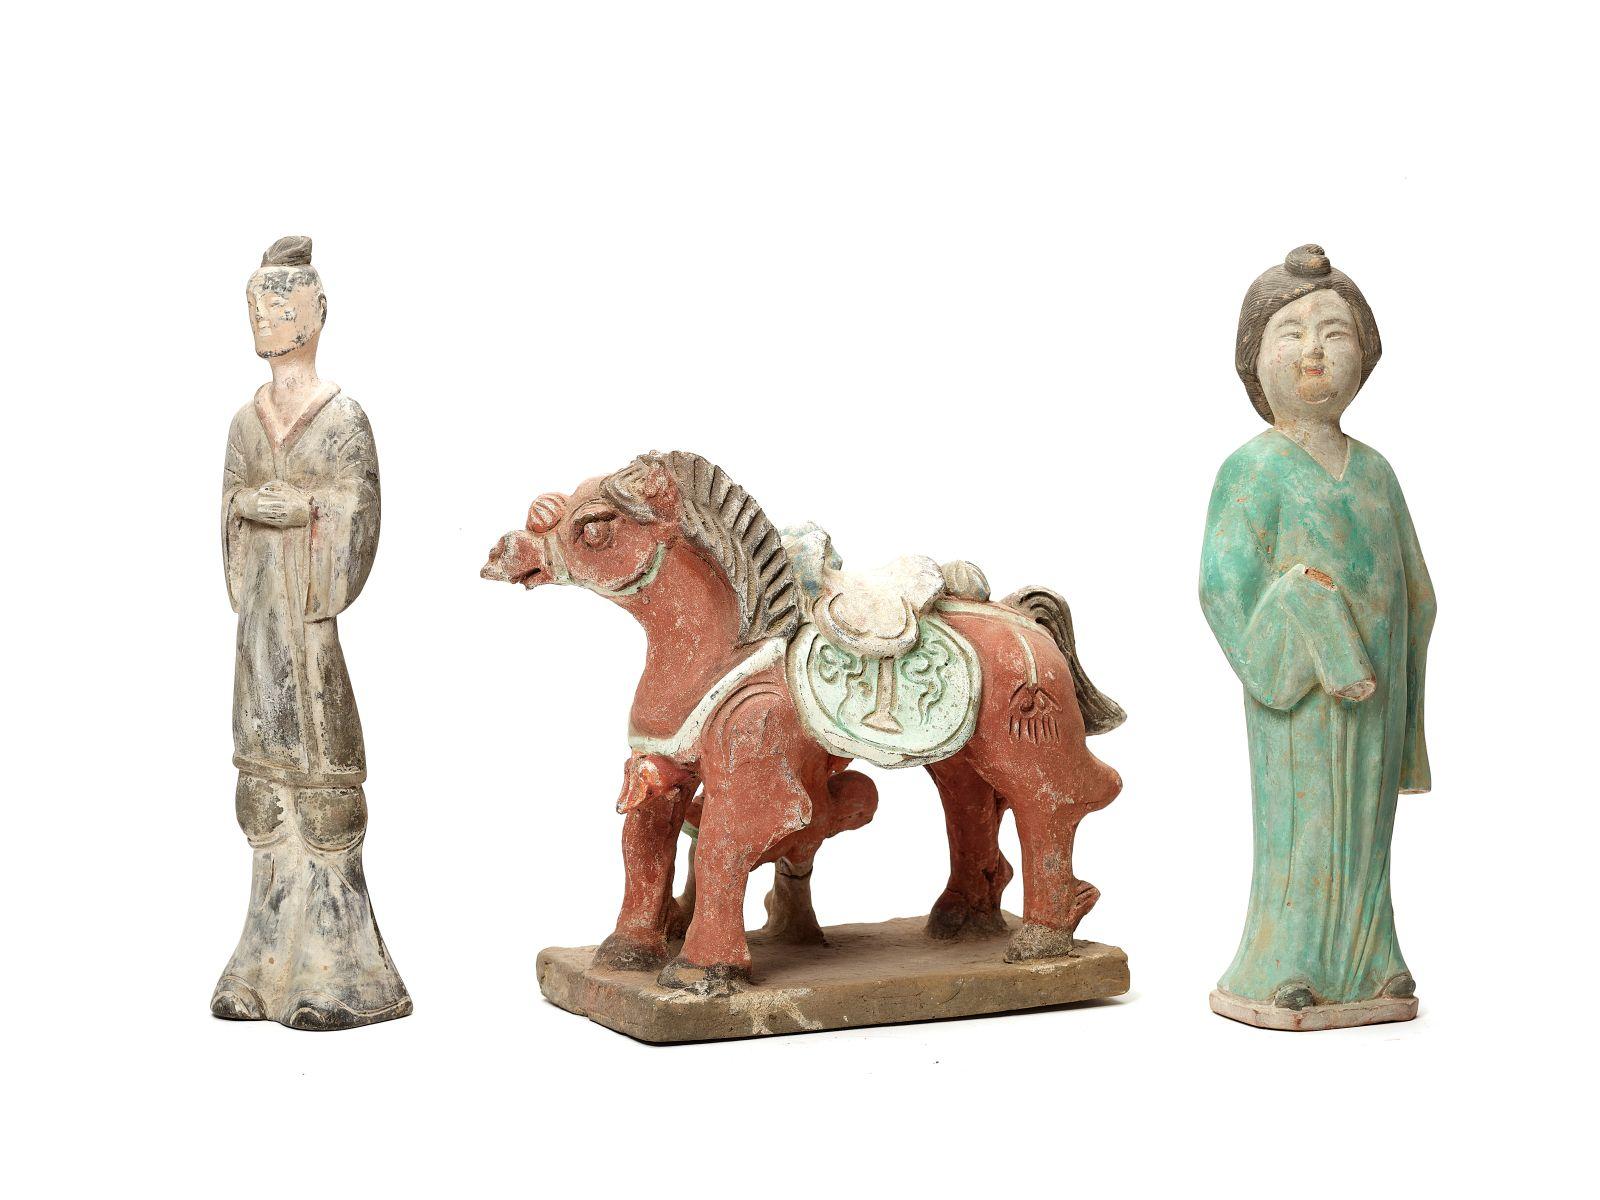 #185 Three Chinese Tang-Style terracotta figures, late Qing Dynasty | Drei chinesische Terrakotta-Figuren im Tang-Stil aus der späten Qing-Dynastie Image